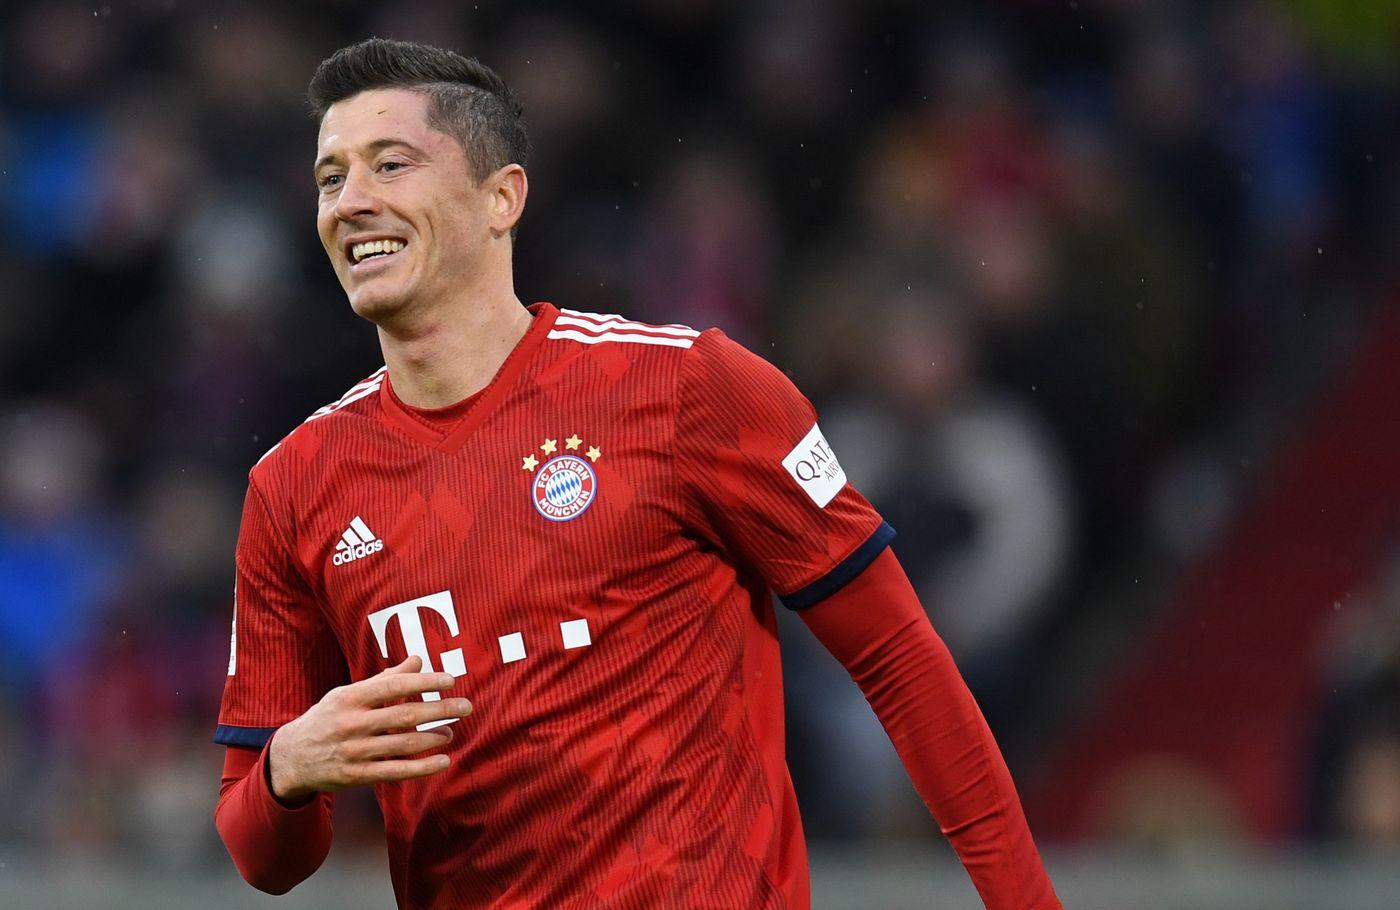 Coppa Audi 31 luglio: finalissima tra Bayern e Tottenham